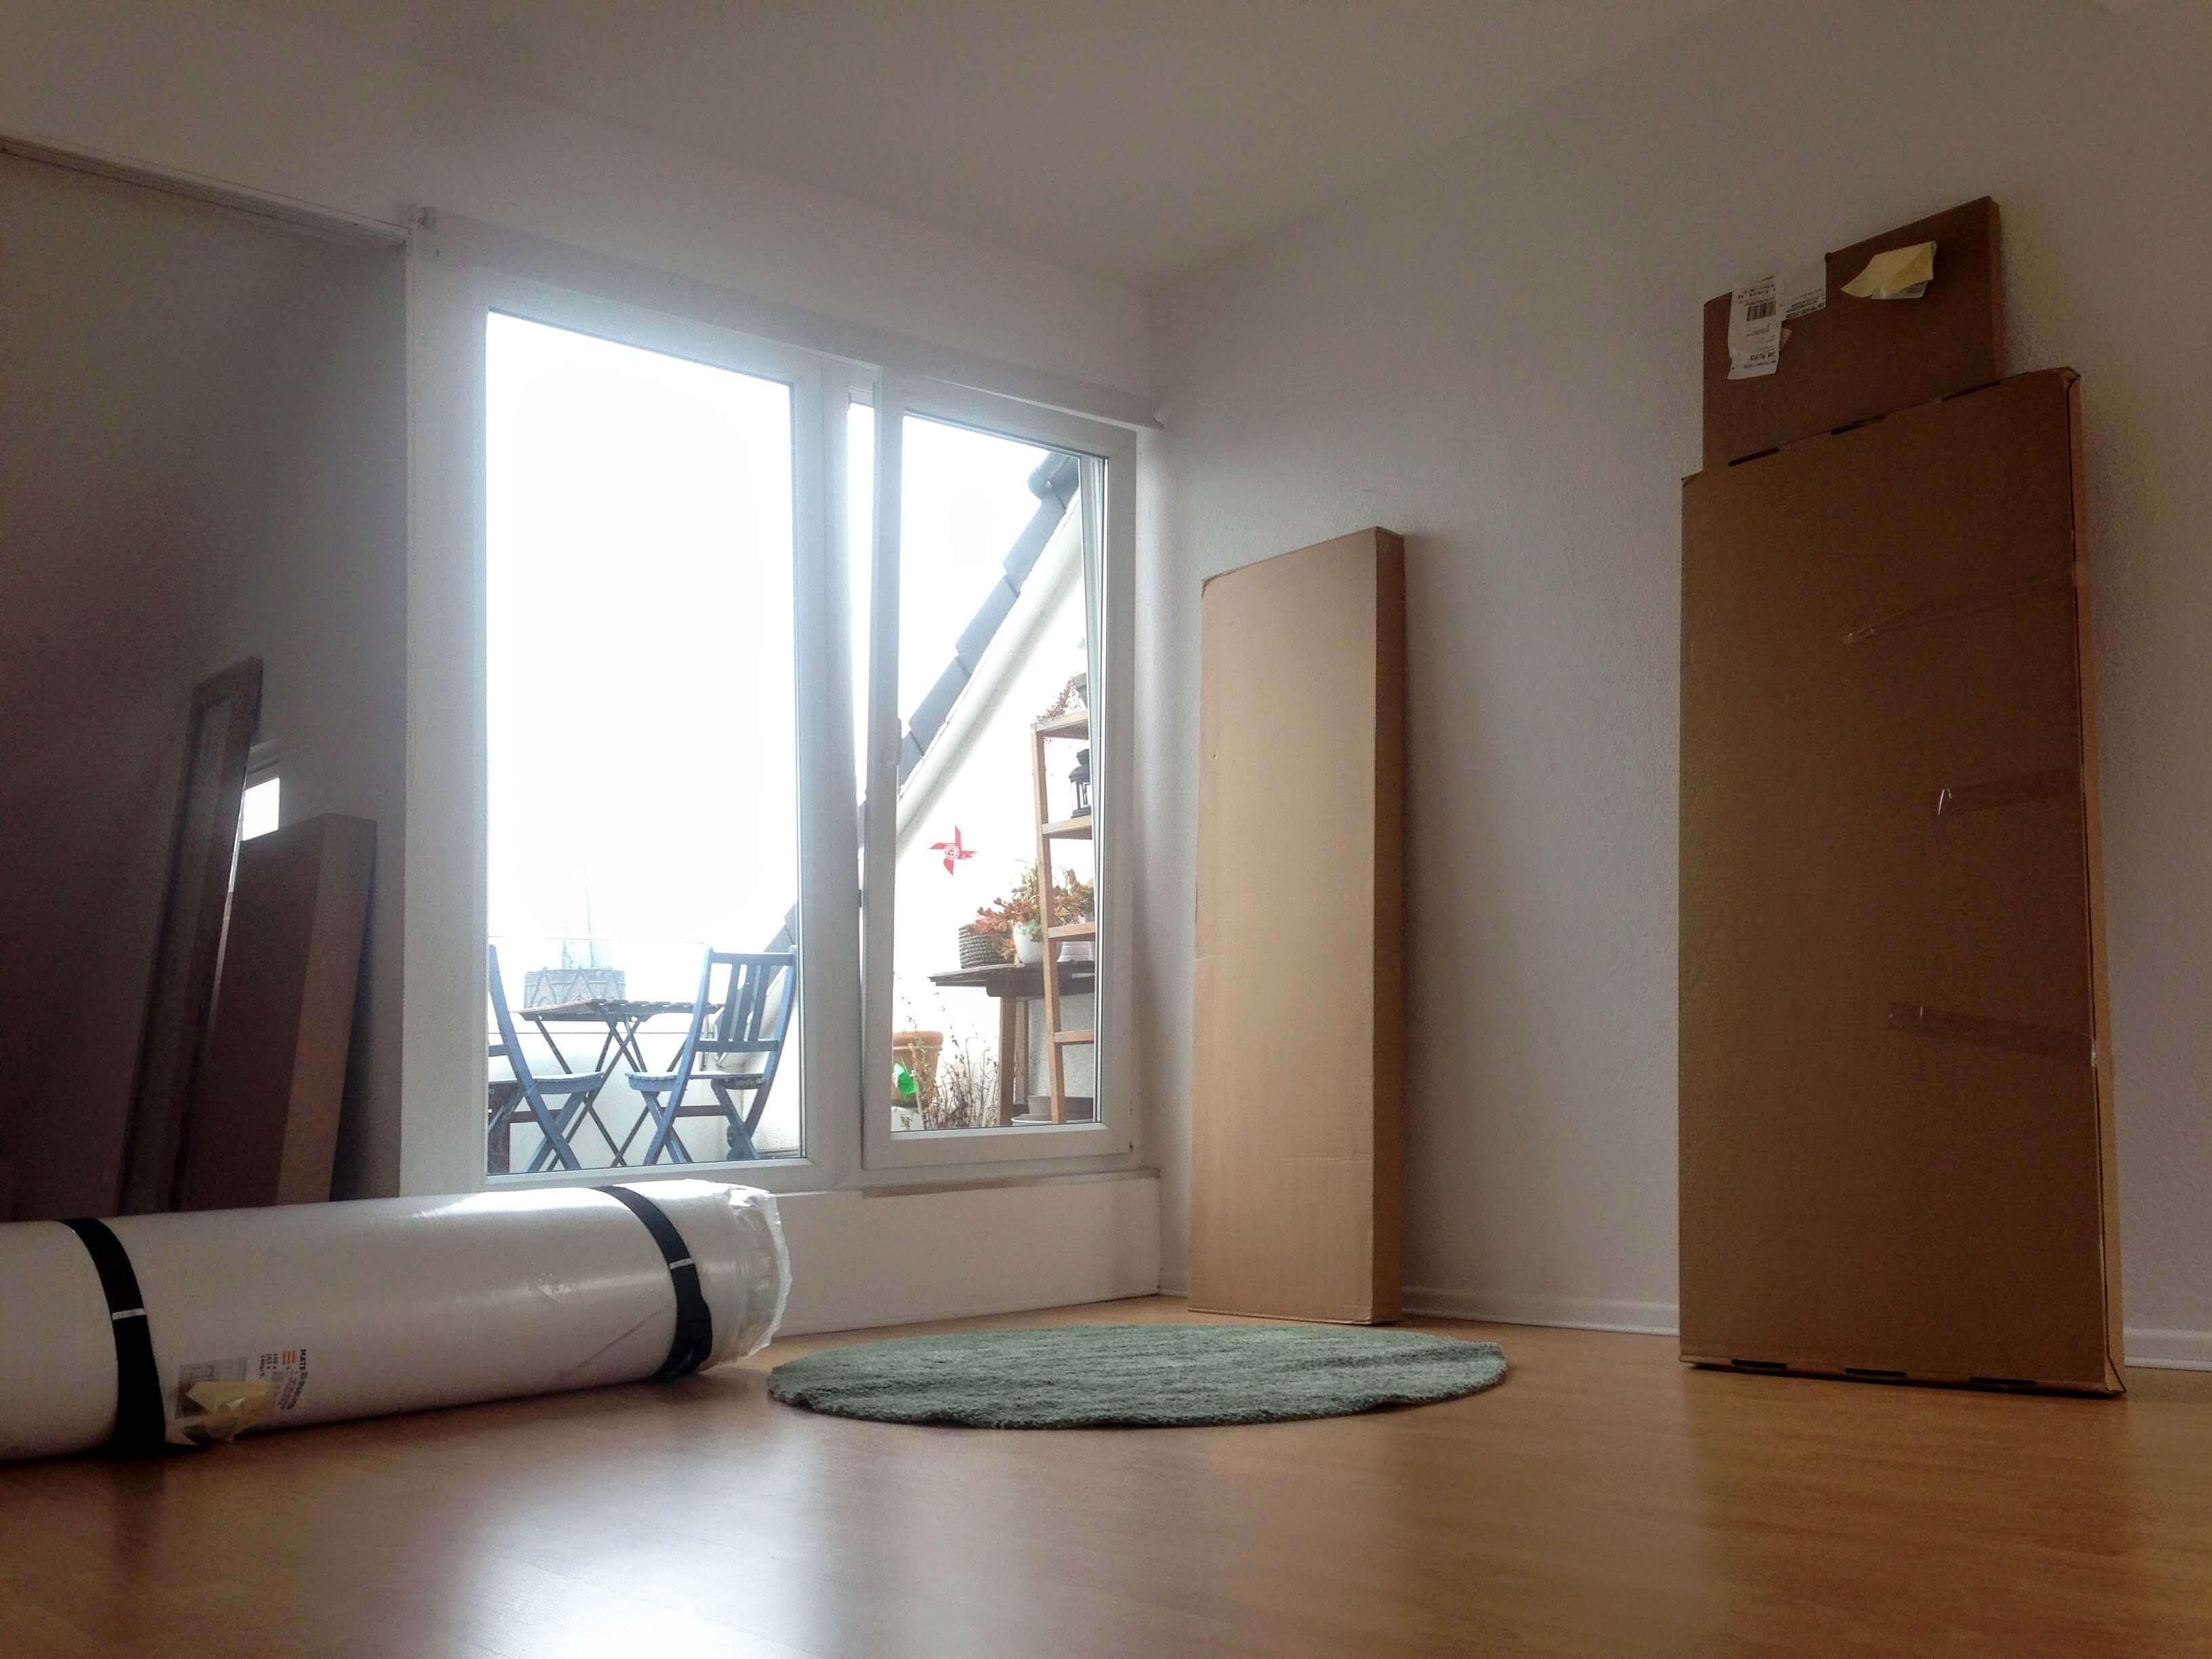 Vivienda en alemania la gu a pr ctica d sseldorf lleva - Alquiler de pisos en cardedeu ...